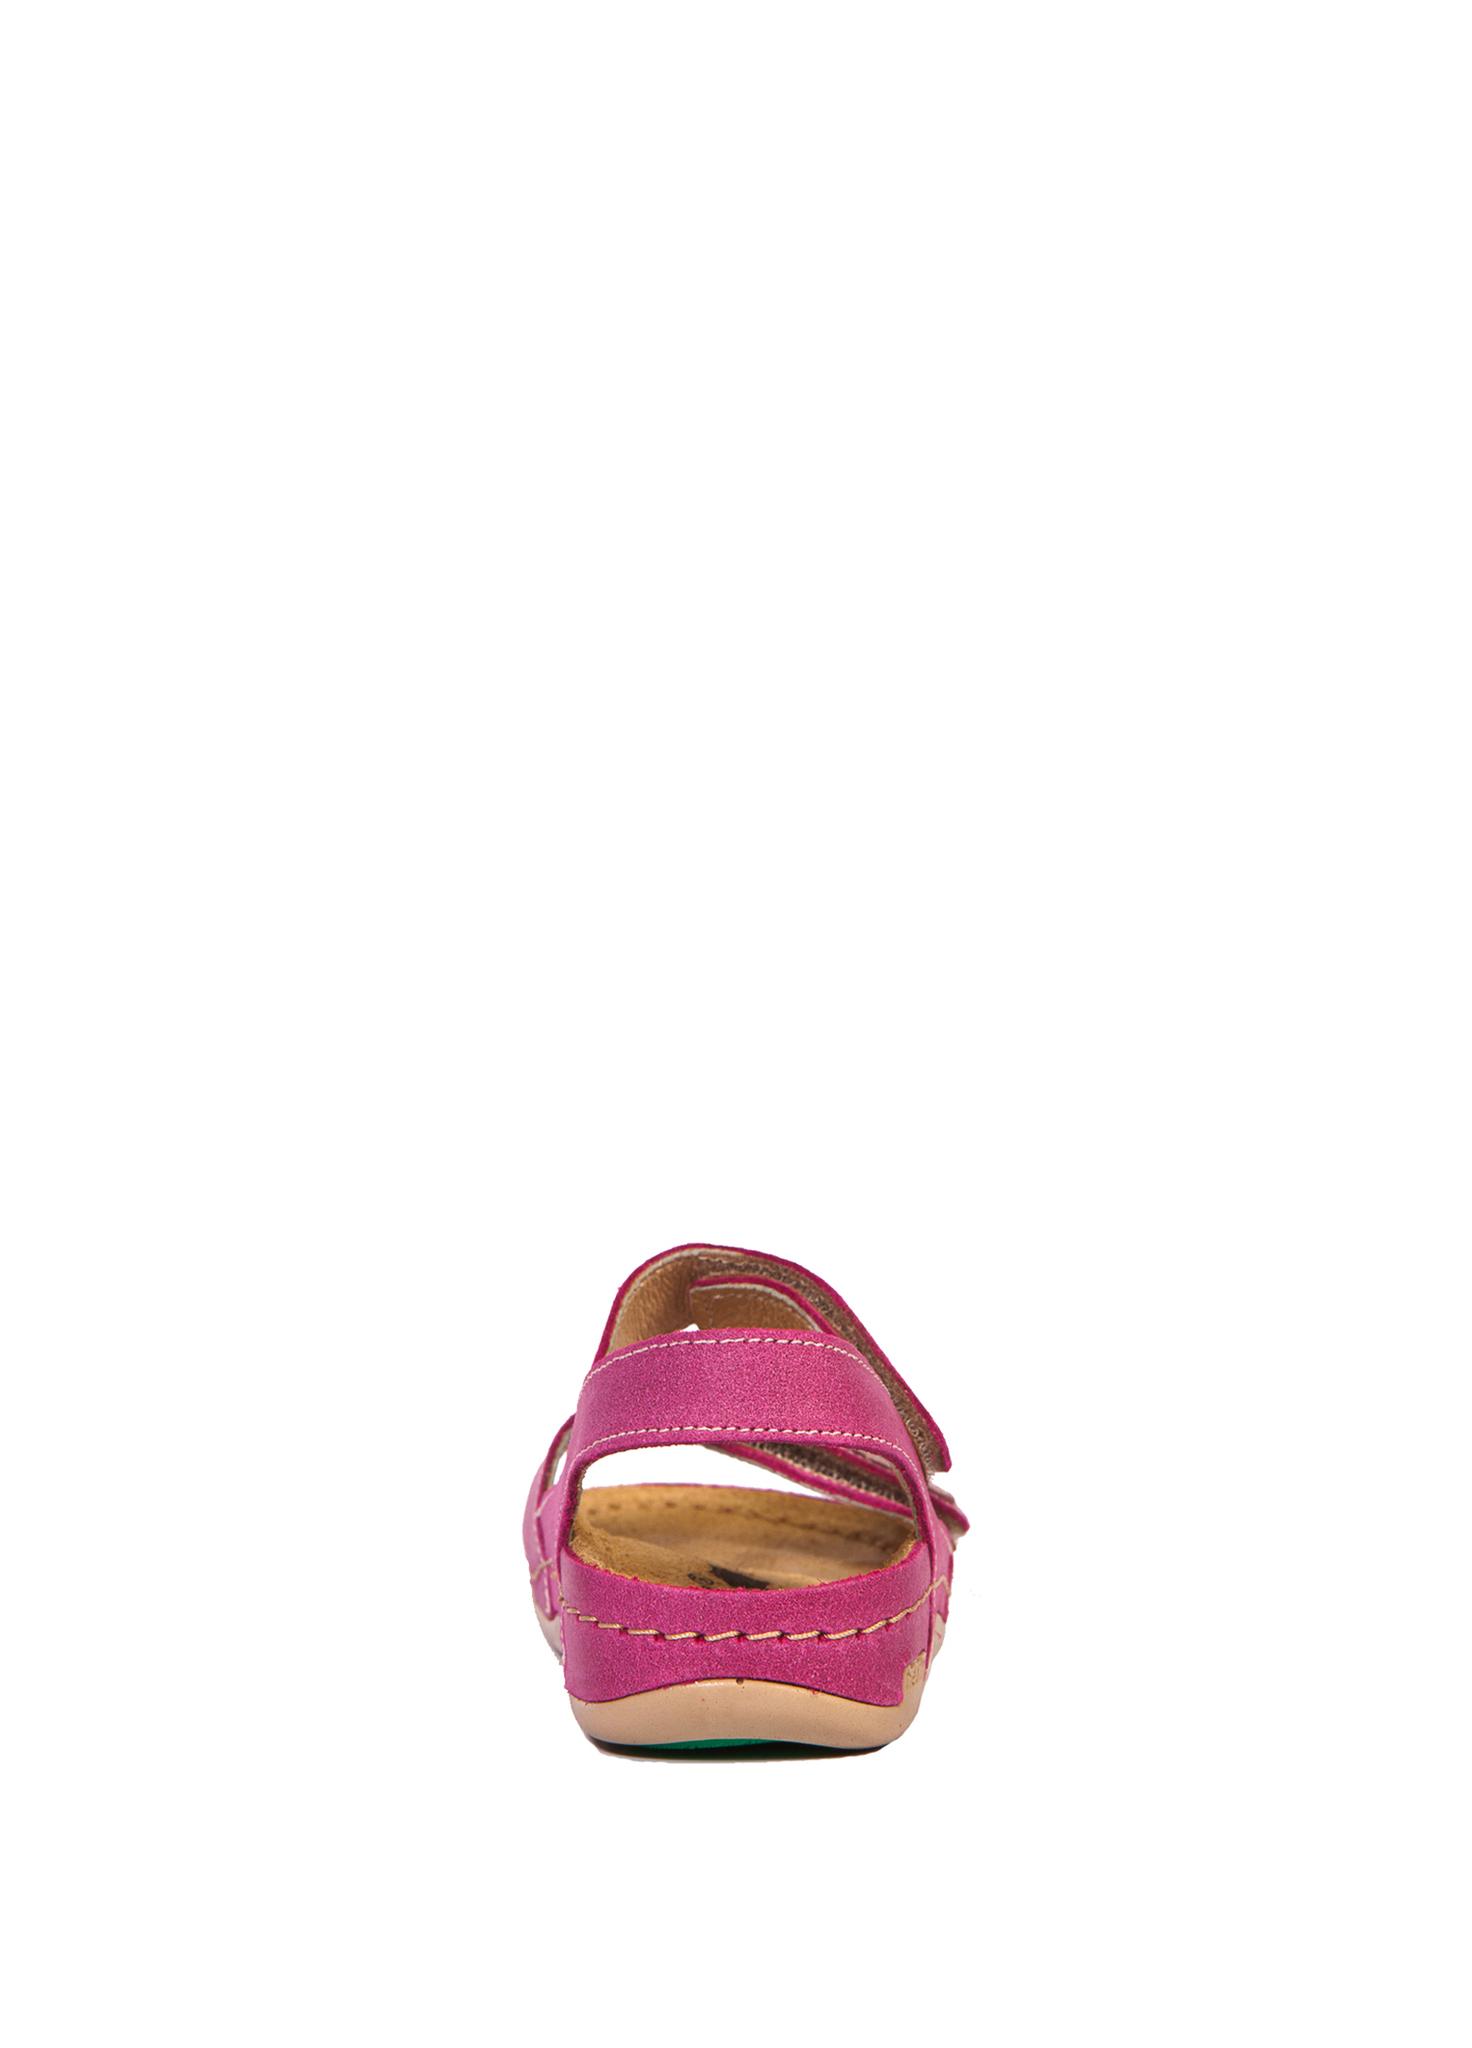 Детские сандалии розовые ЛЕОН